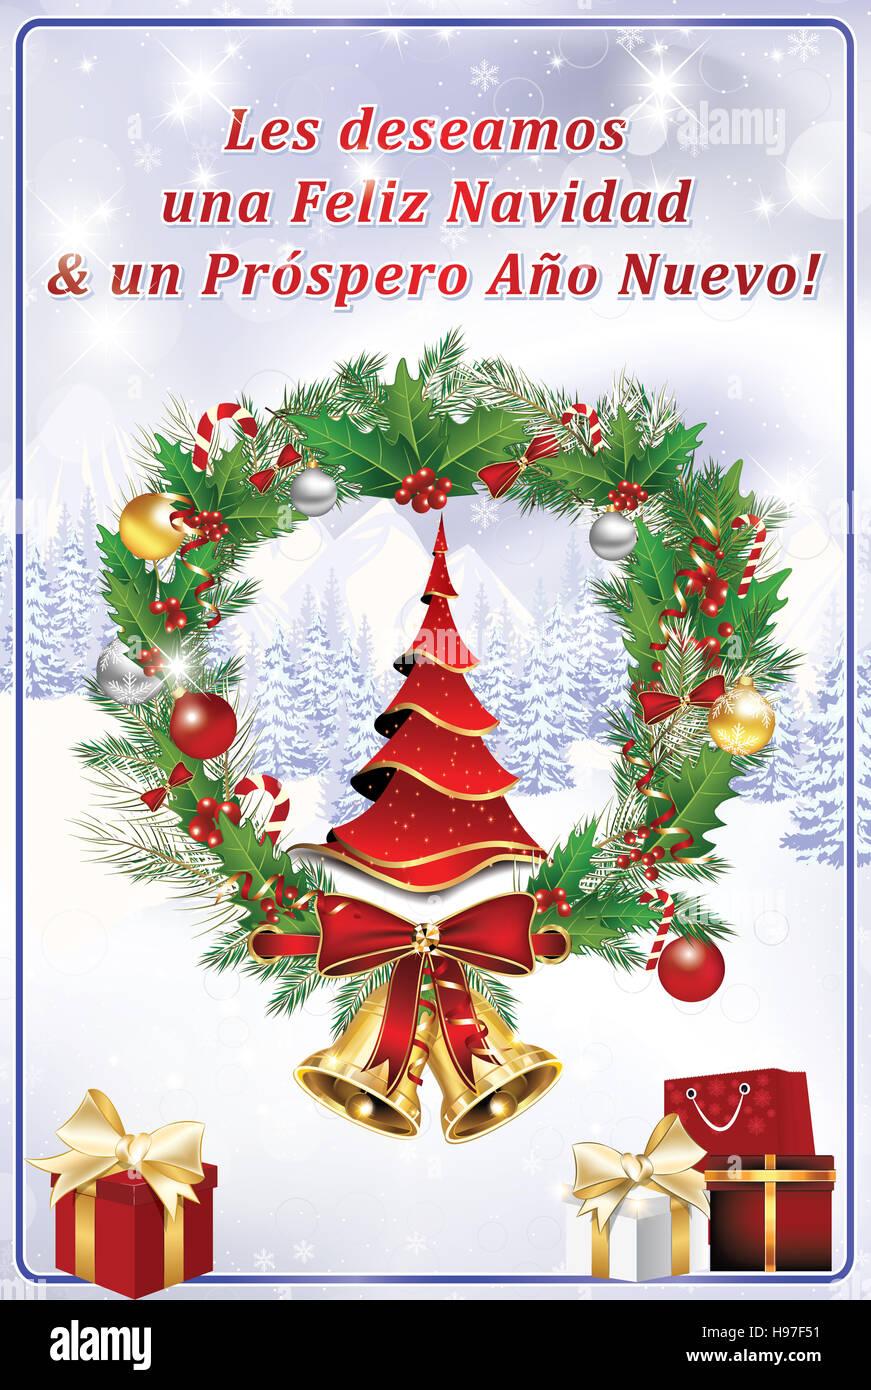 Frasi Auguri Di Natale In Spagnolo.Biglietto Di Auguri In Spagnolo Immagini E Fotos Stock Alamy